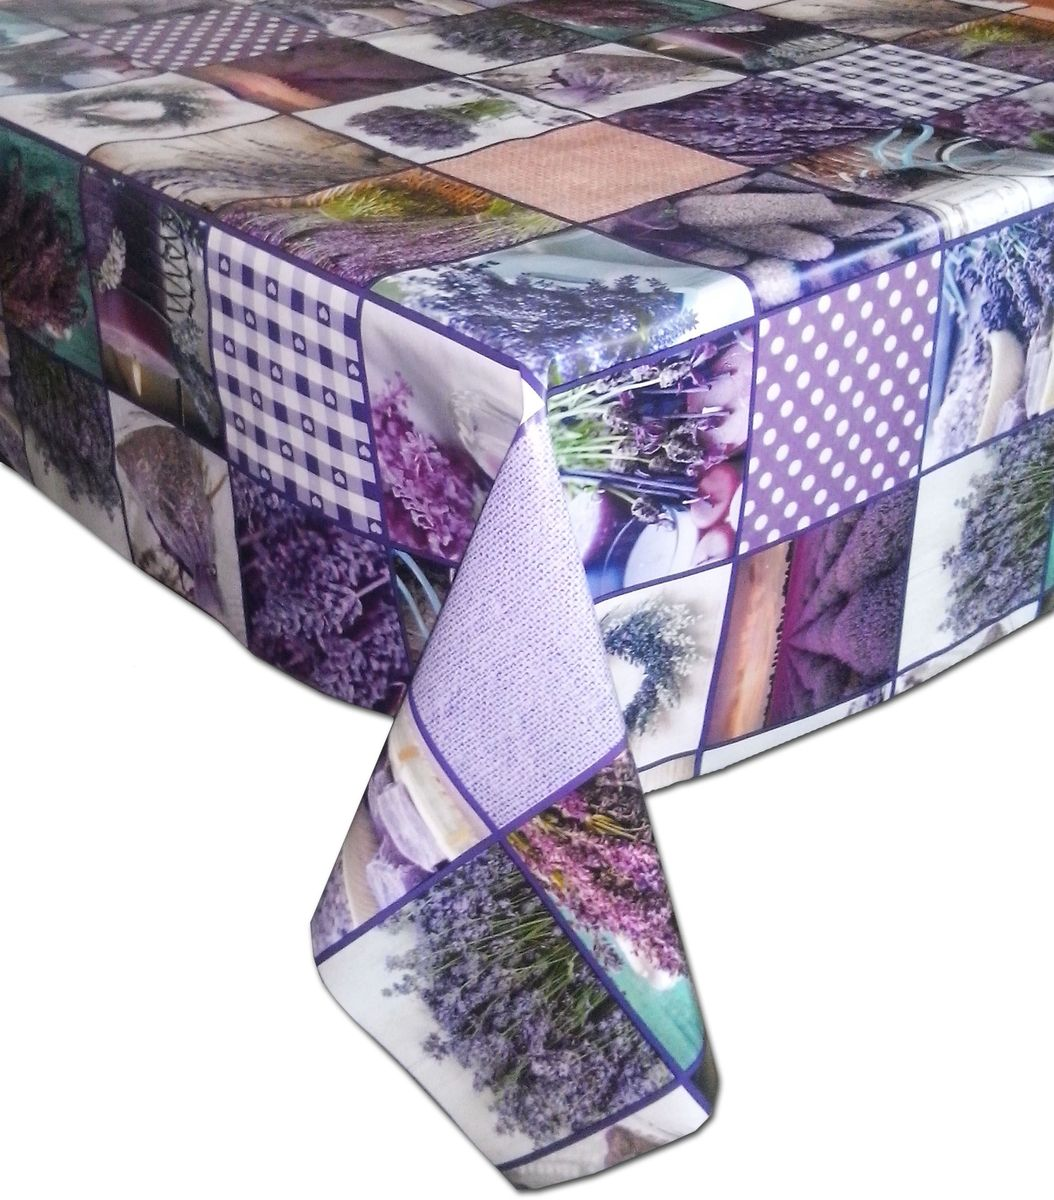 Столовая клеенка LCadesi Florista, прямоугольная, 130 х 165 см. FL130165-309-00VT-1520(SR)Столовая клеенка Florista с ярким дизайном украсит ваш стол и защитит его от царапин и пятен. Благодаря основе из нетканого материала не скользит по столу. Клеенка не имеет запаха и совершенно безопасна для человека.